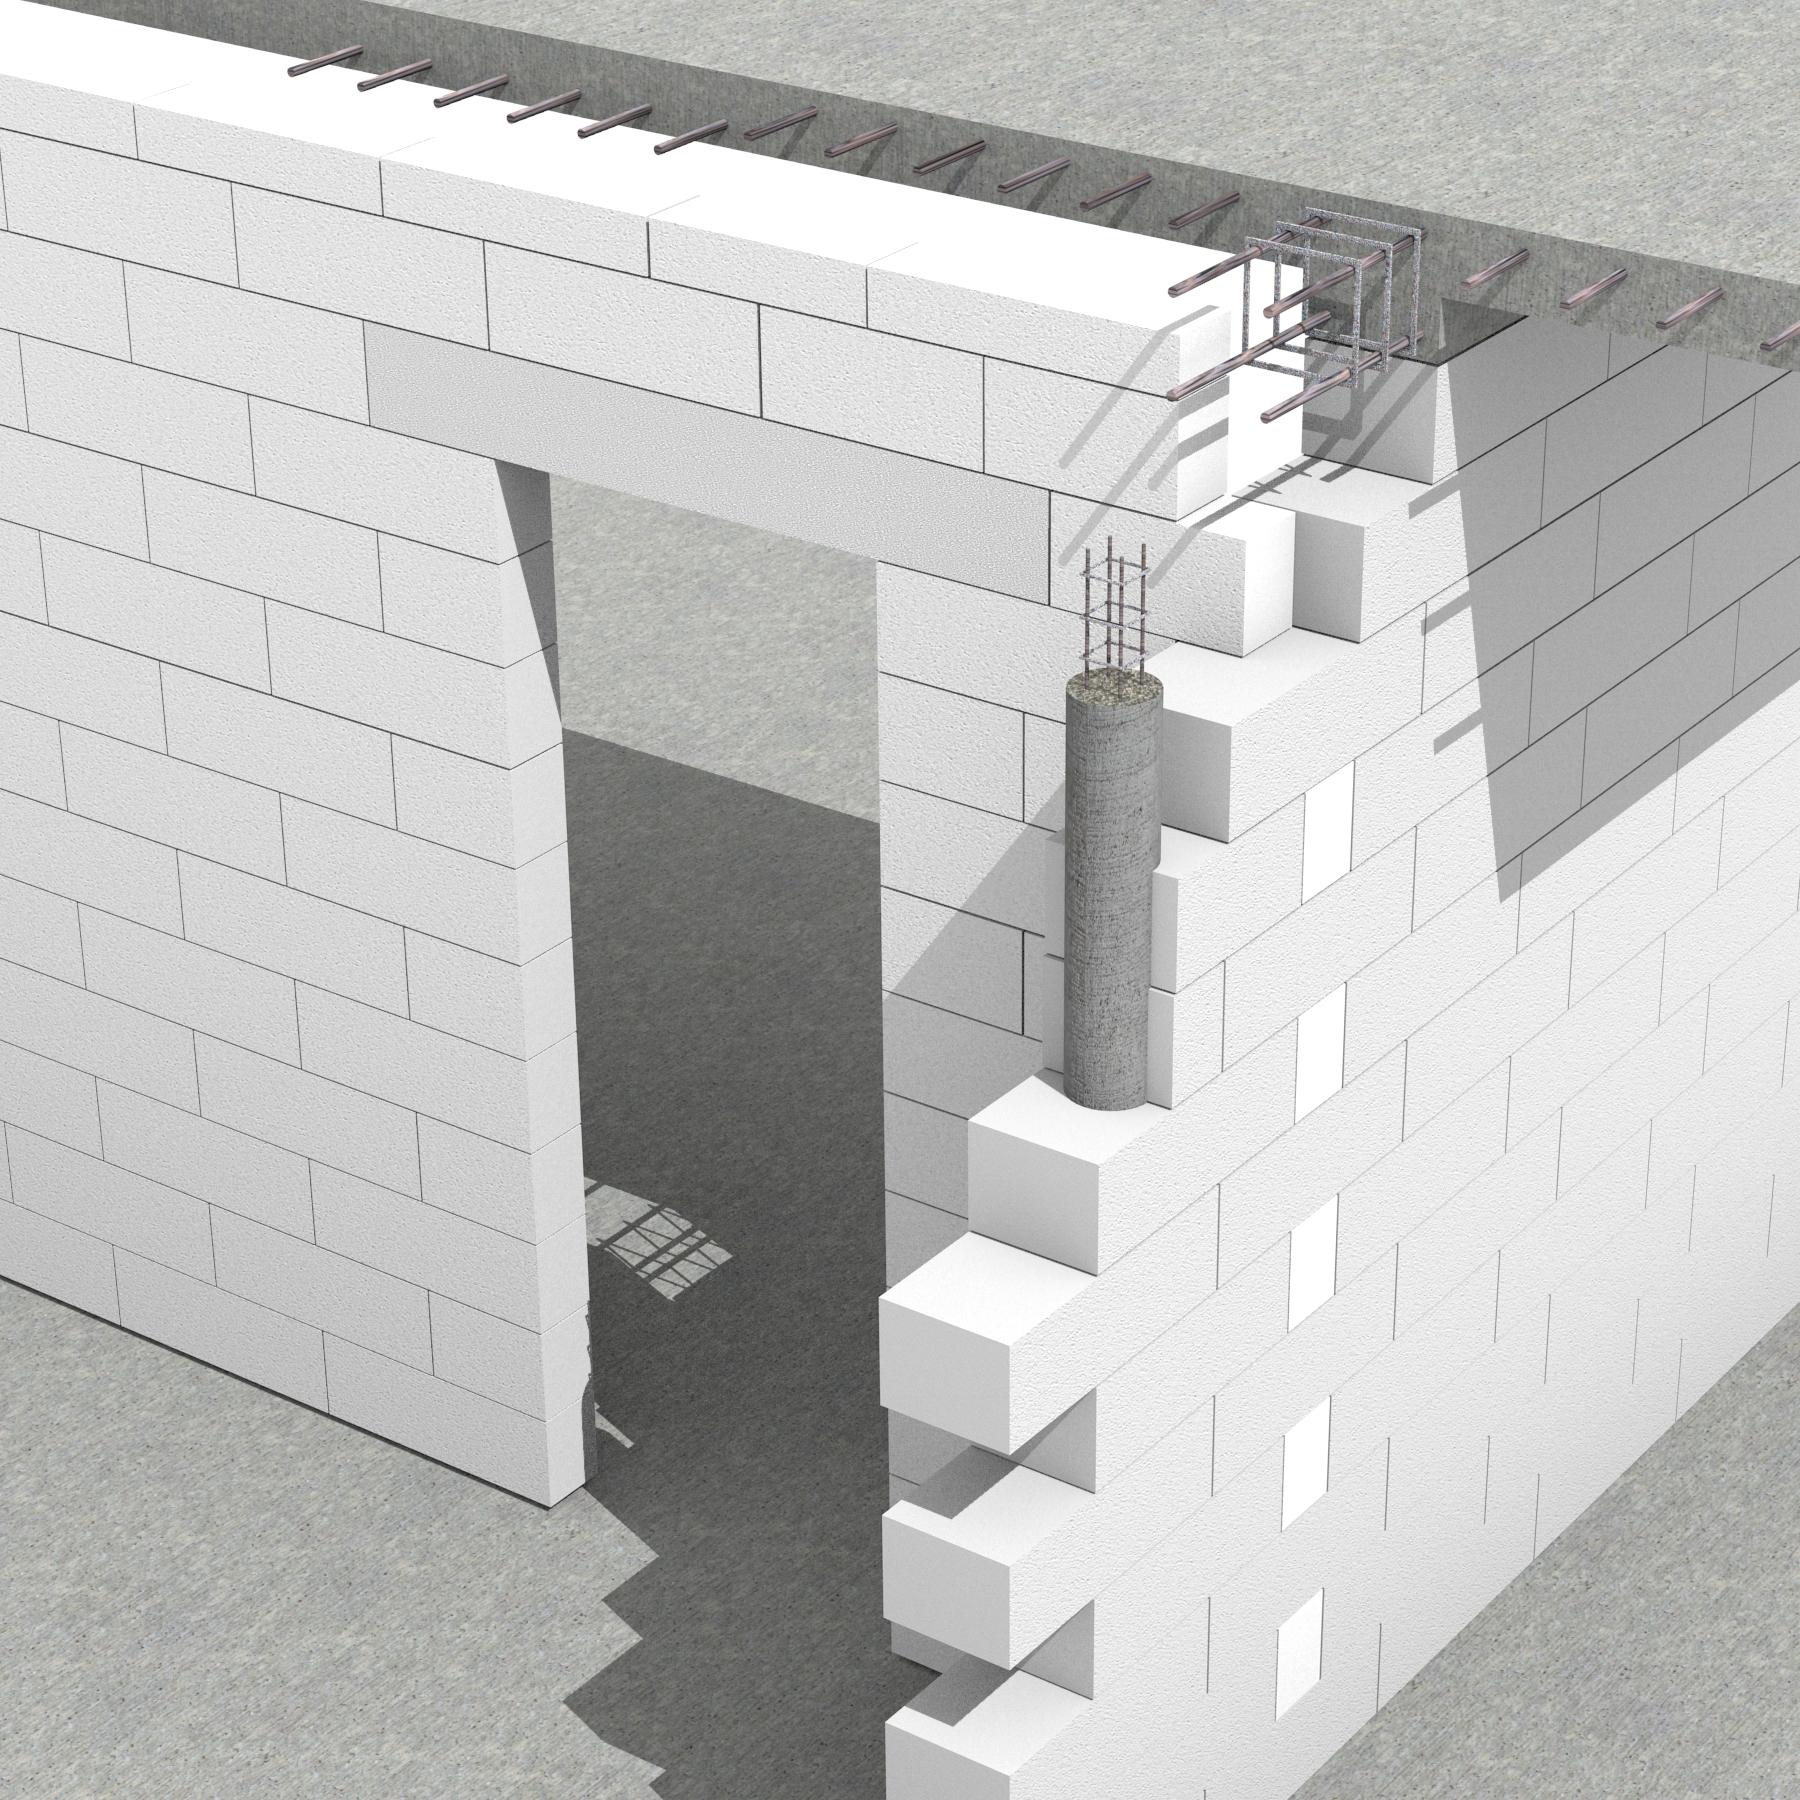 Pereti de compartimentare neportanti cu goluri de usa mai mici de 2.215m. - Sistem de zidarie confinata din BCA Macon pentru constructii rezidentiale, publice si industriale